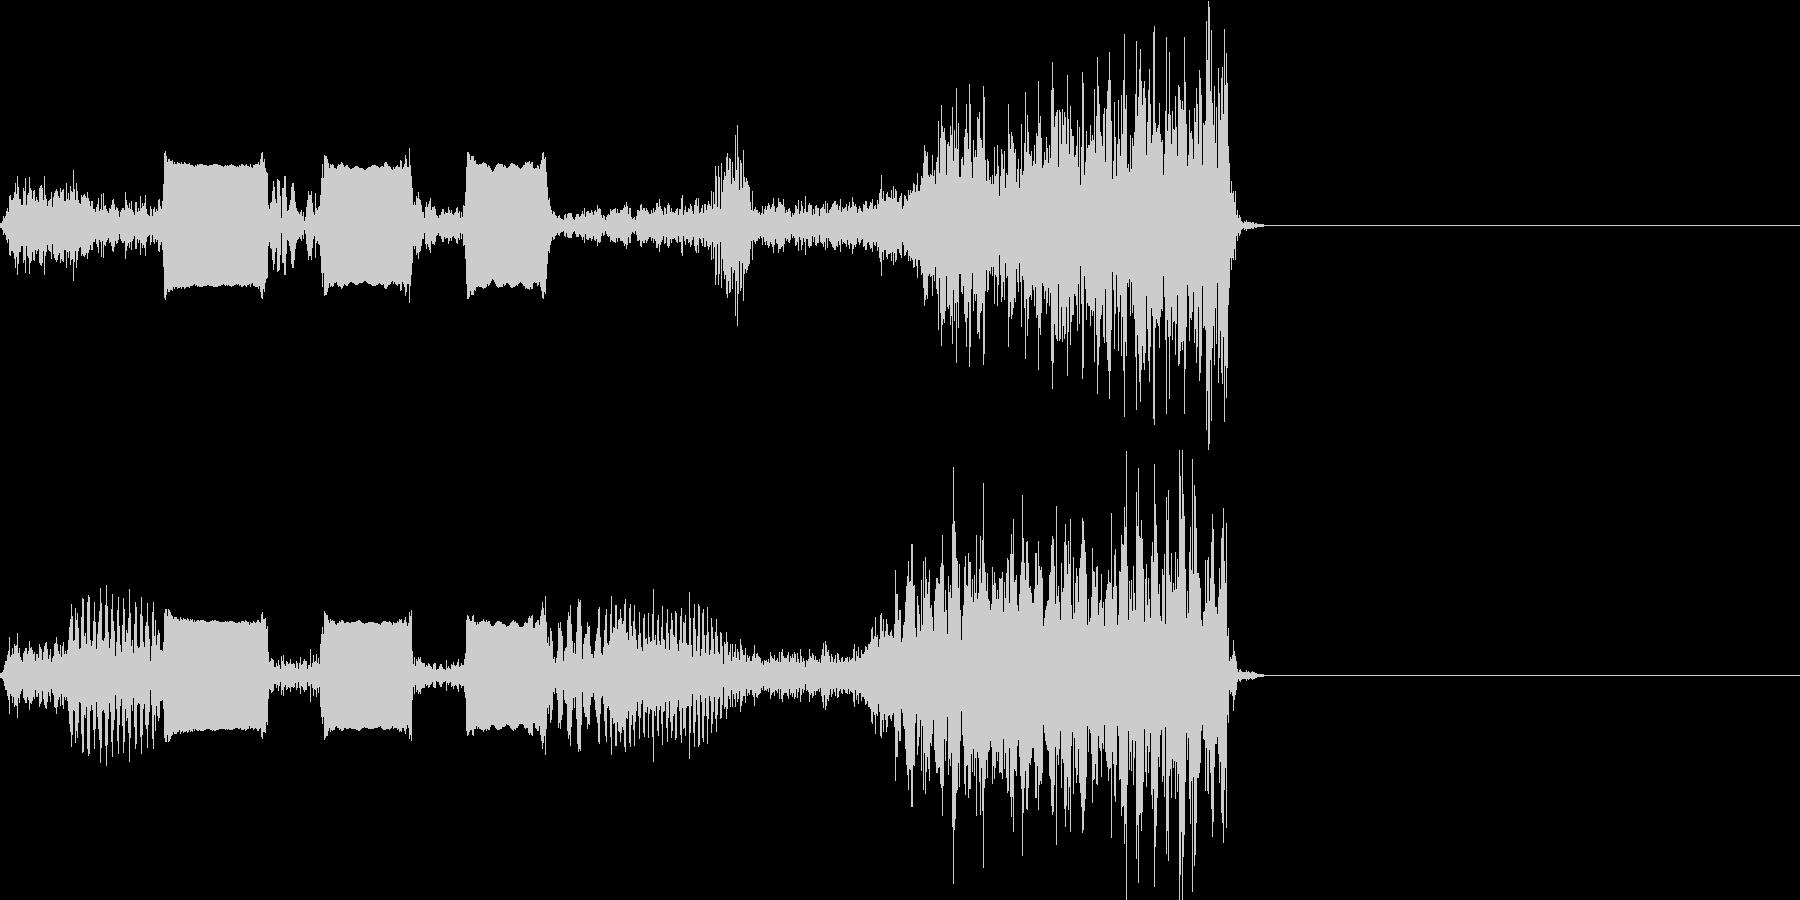 【SE 効果音】スクラッチ2の未再生の波形